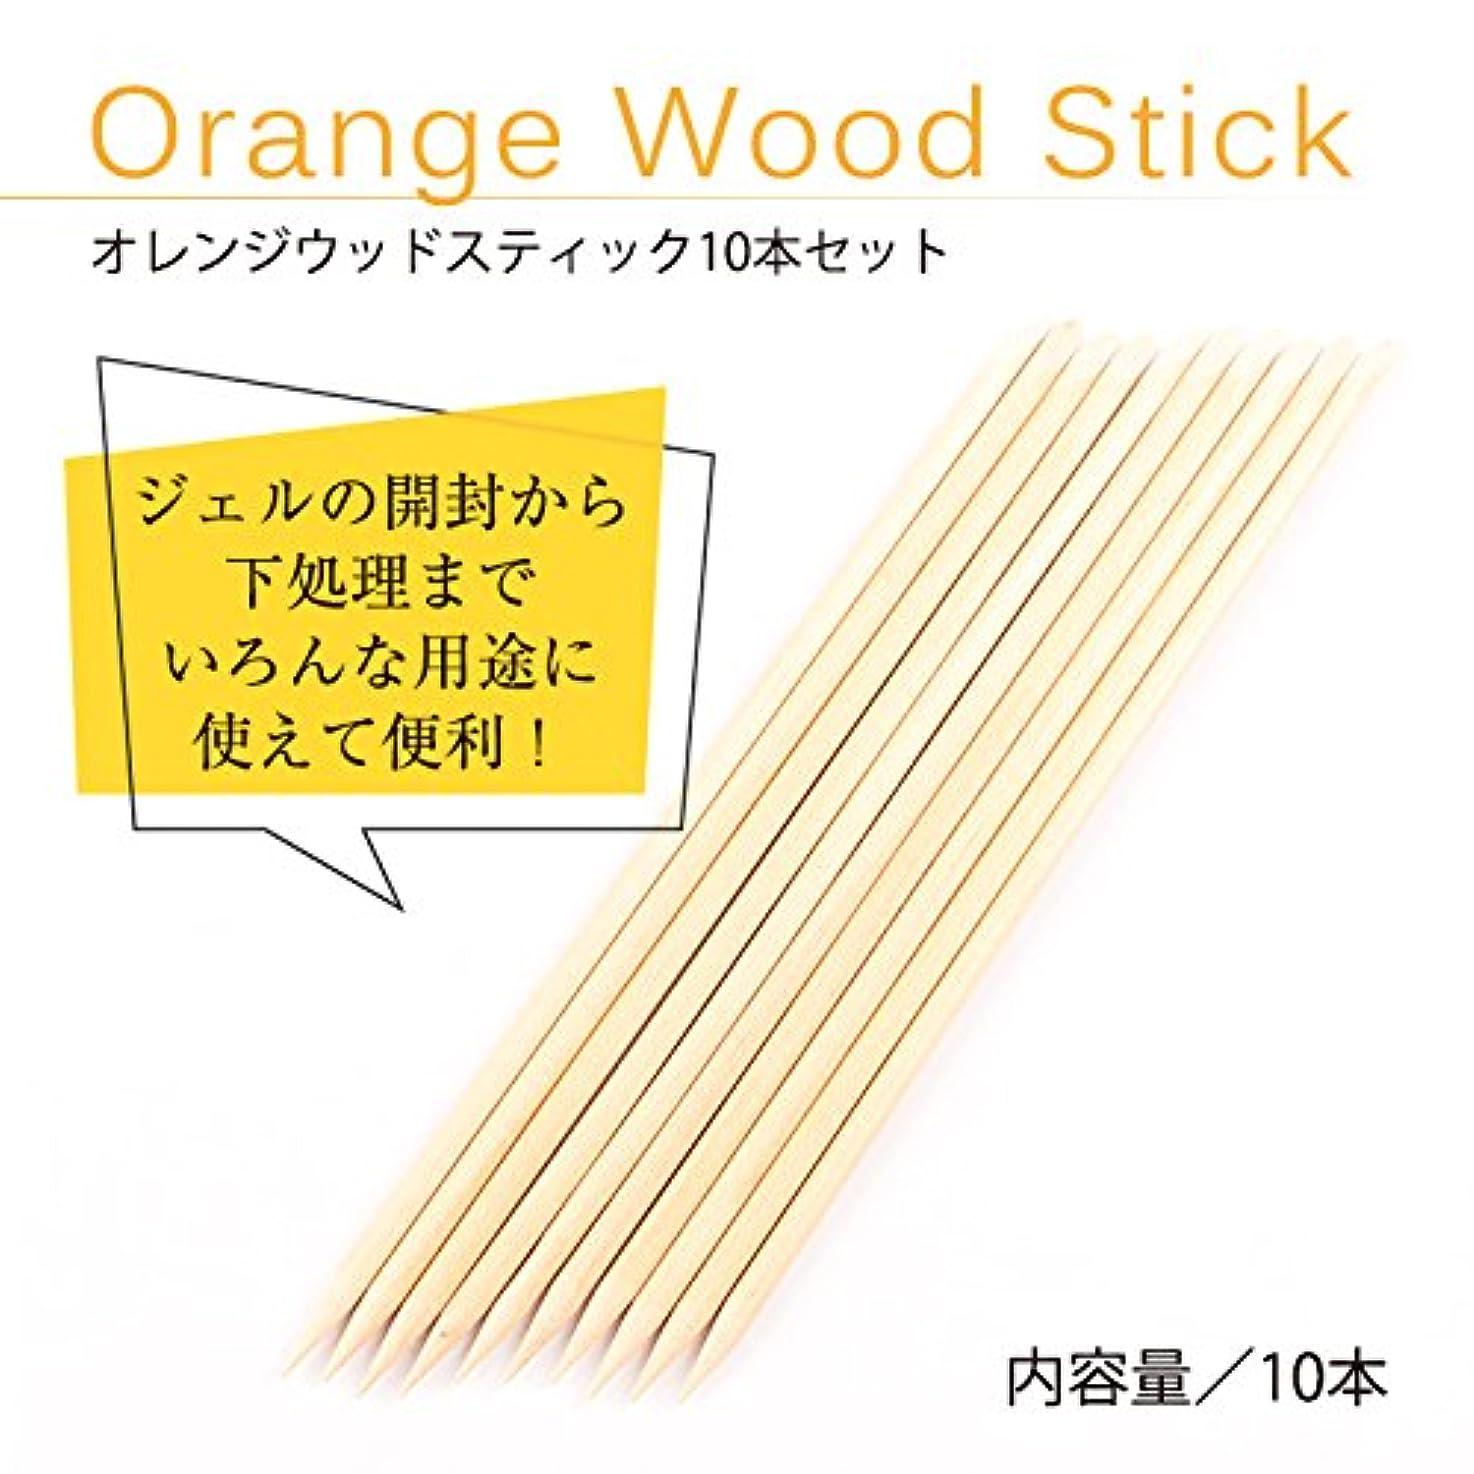 少年最少ピットオレンジ ウッドスティック 10本セット ジェルネイル